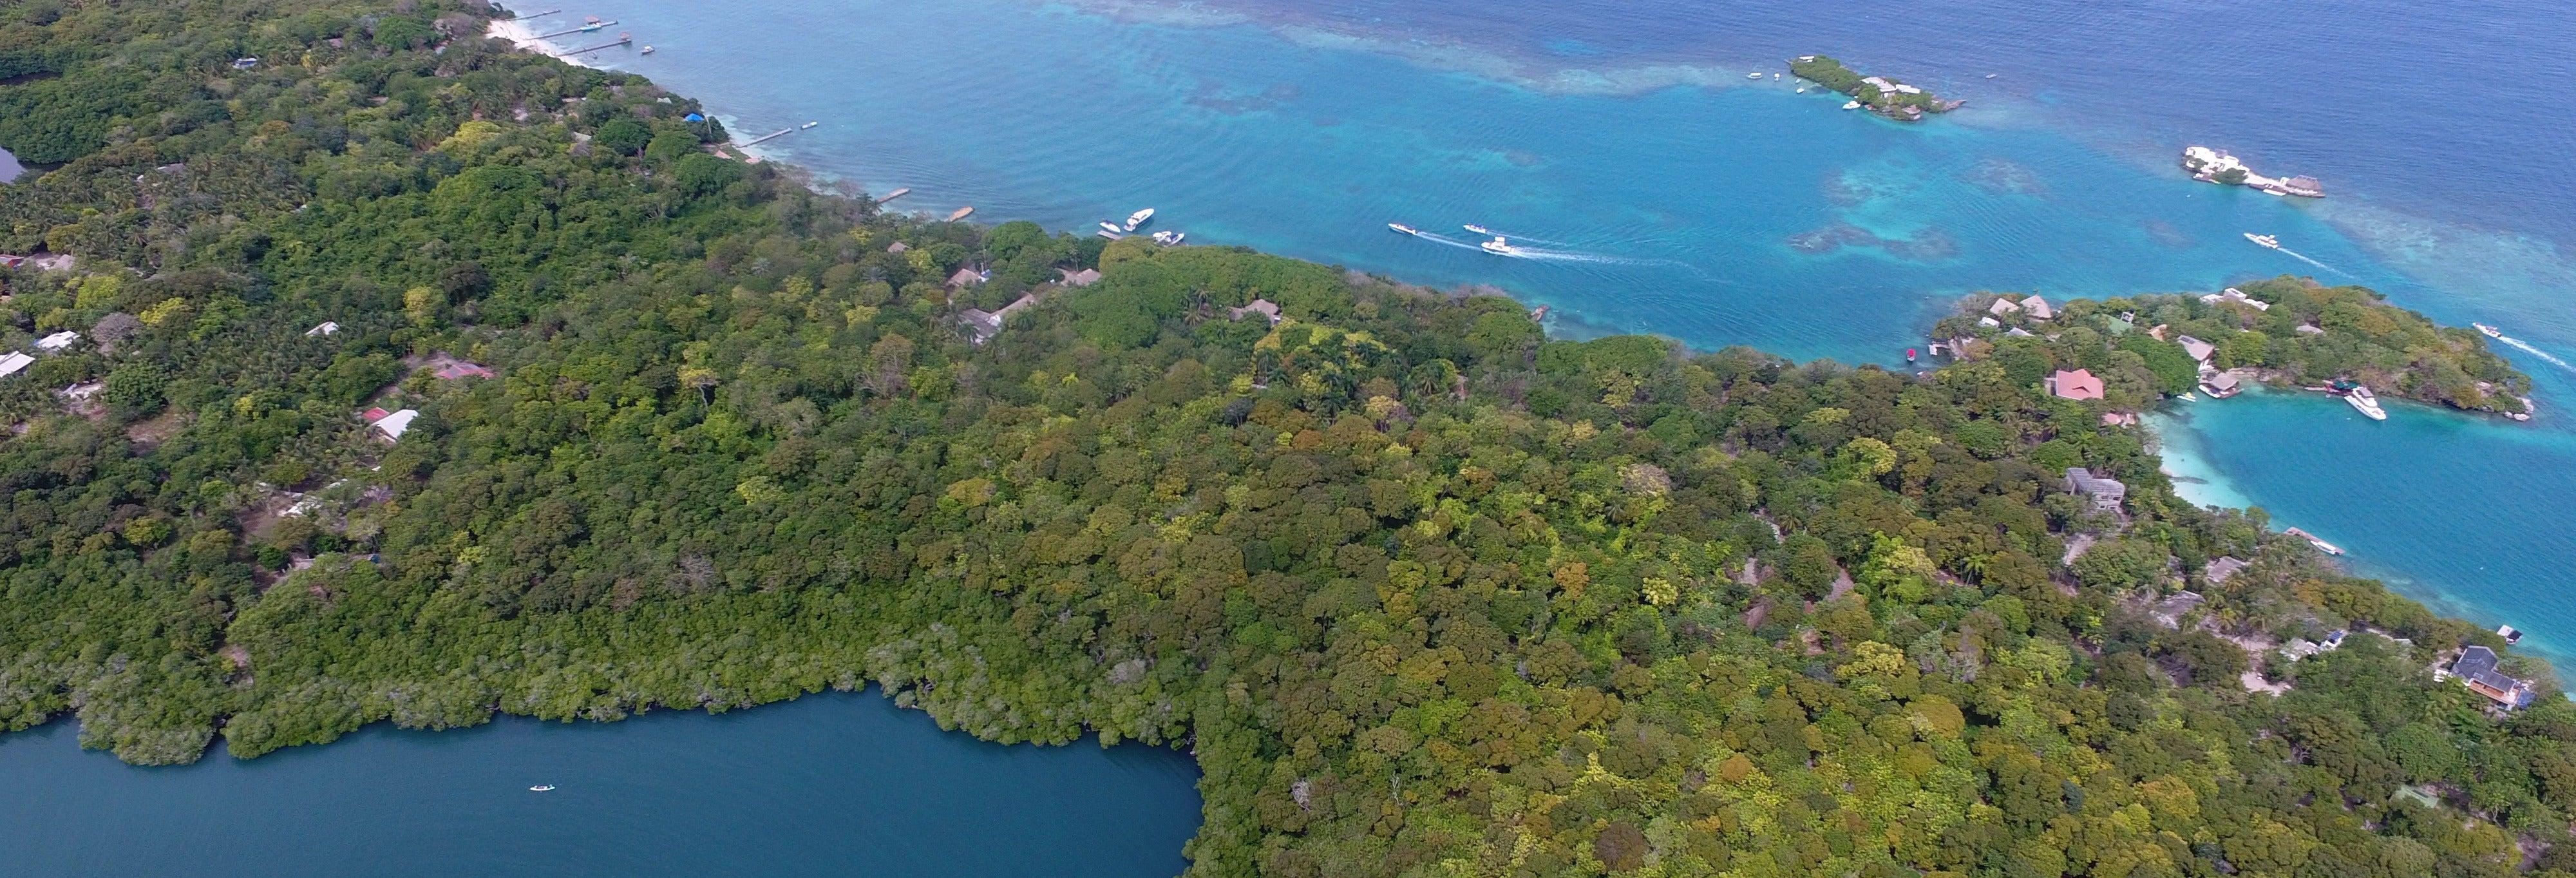 Excursión a la Isla de Cocoliso